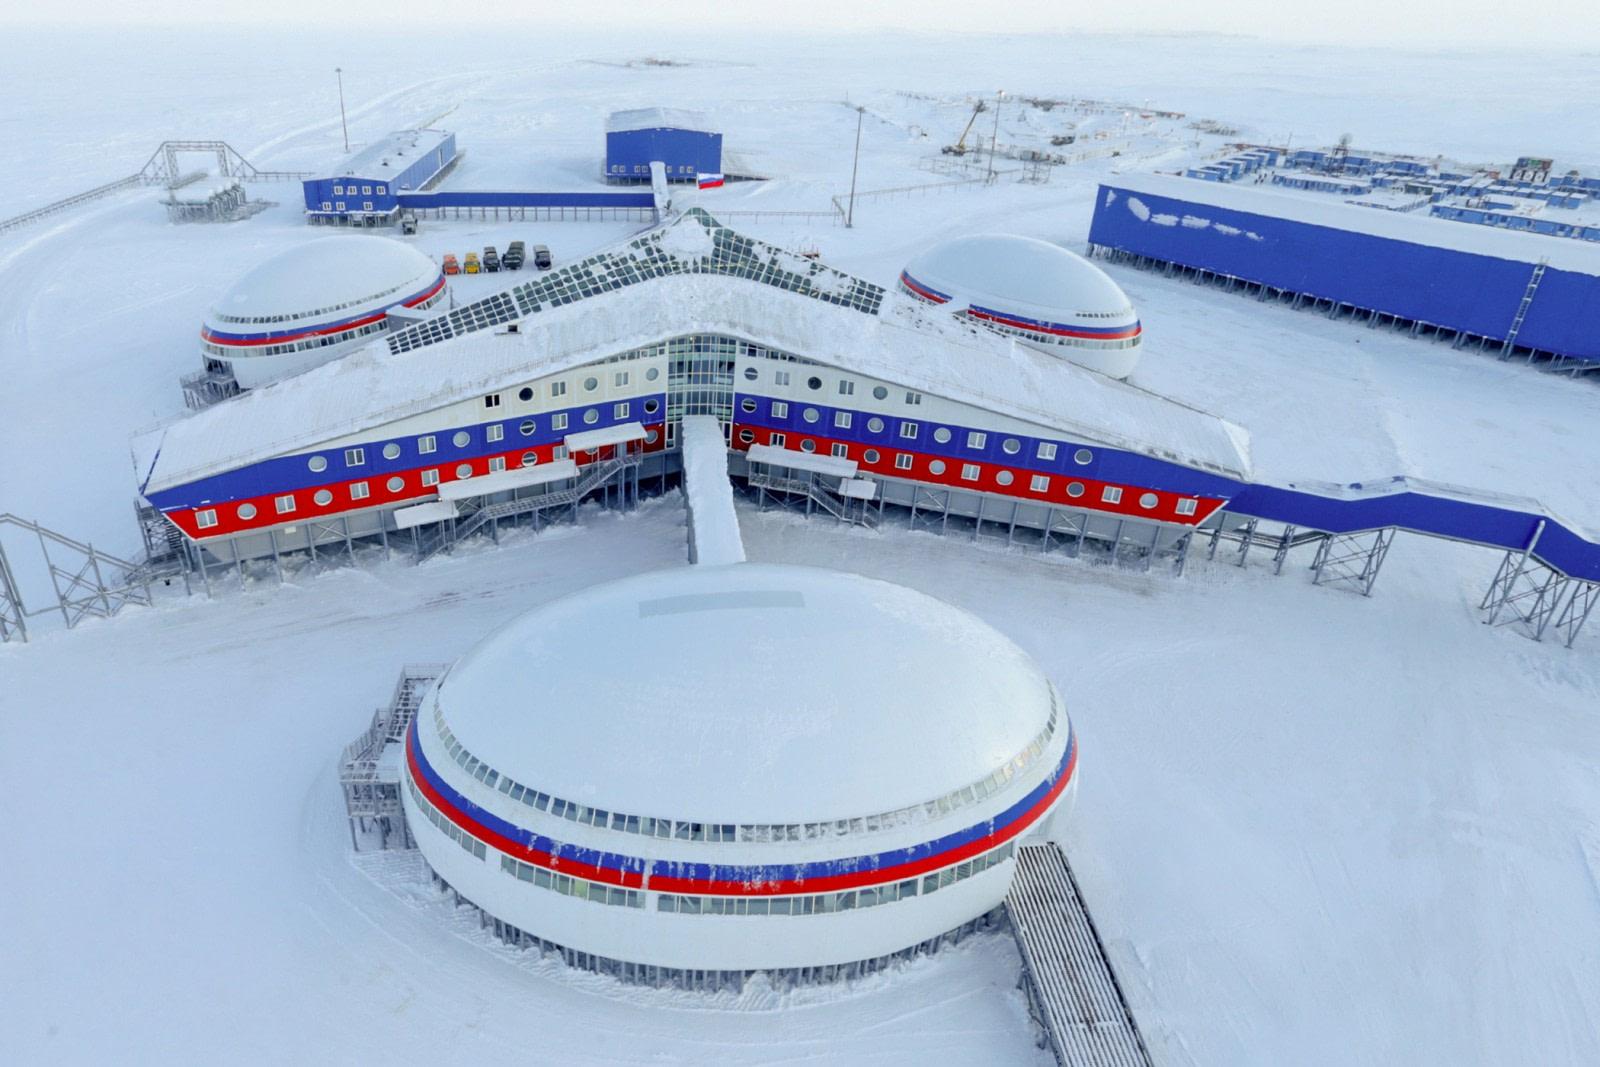 Nagurskoye Air Base